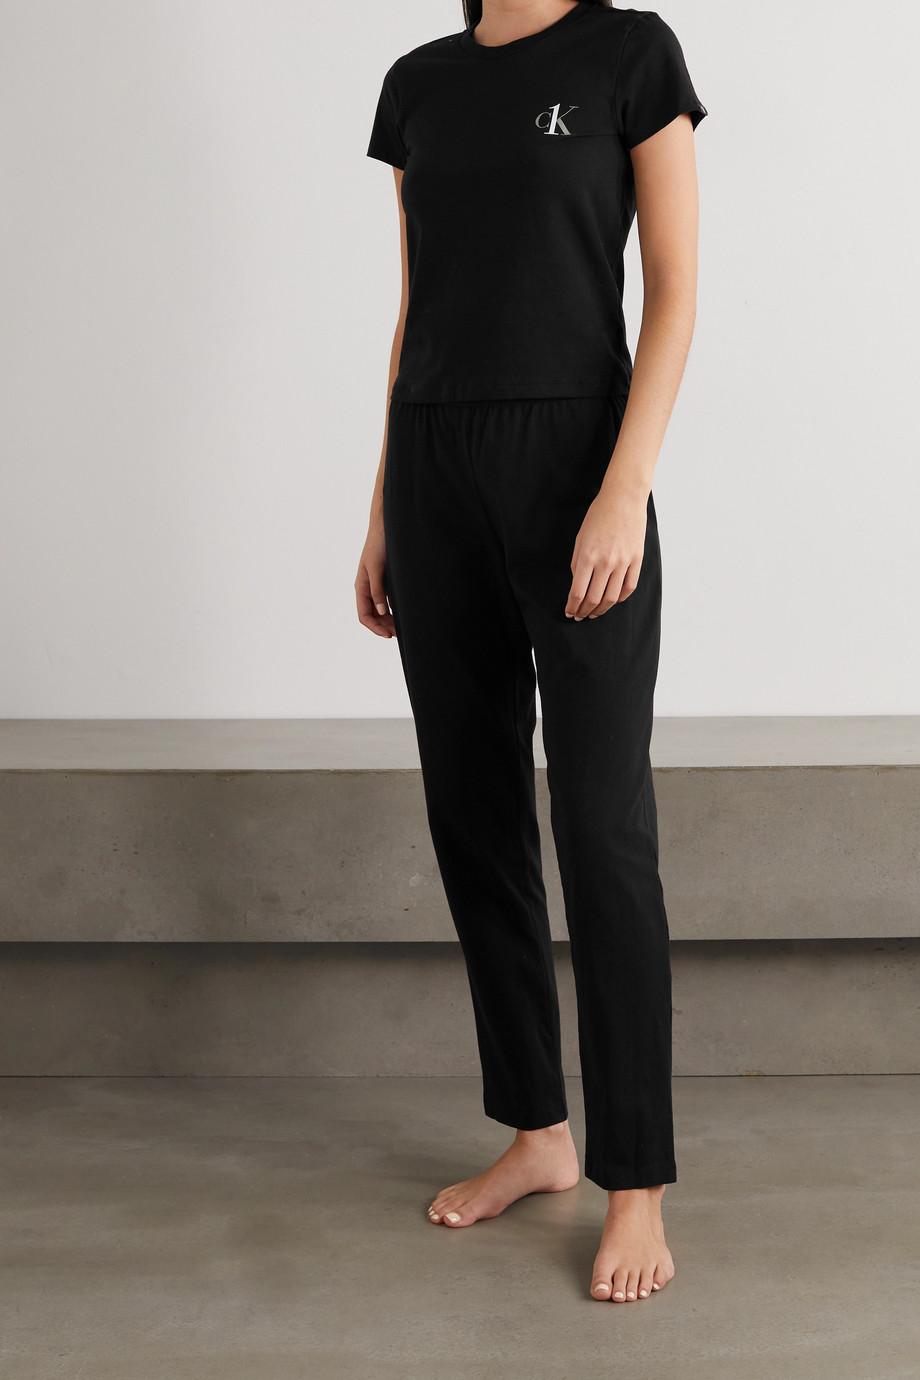 Calvin Klein Underwear CK One T-Shirt aus Stretch-Baumwoll-Jersey mit Print